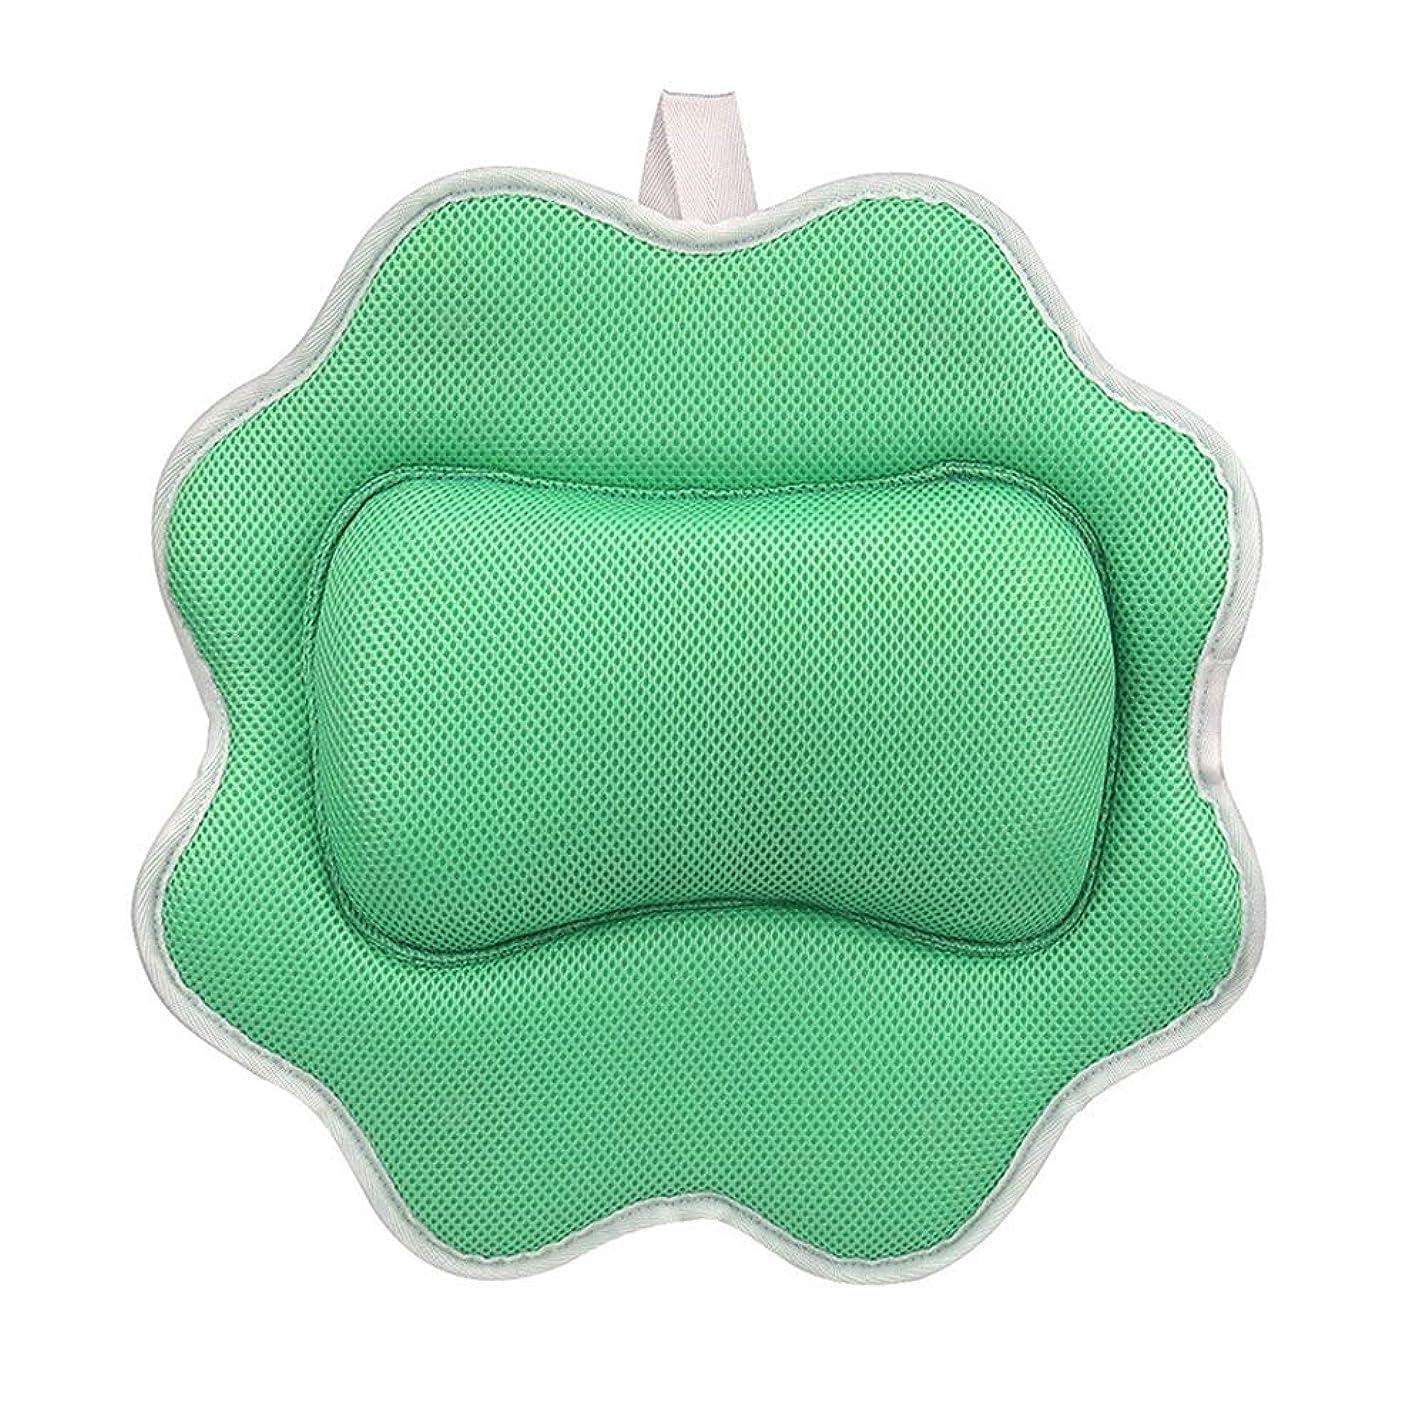 兵器庫派手暴露するサンフラワーバスピロースパマッサージ枕用アップグレード5 dエアーメッシュ技術あなたの肌と首を保護、洗濯機で洗えます